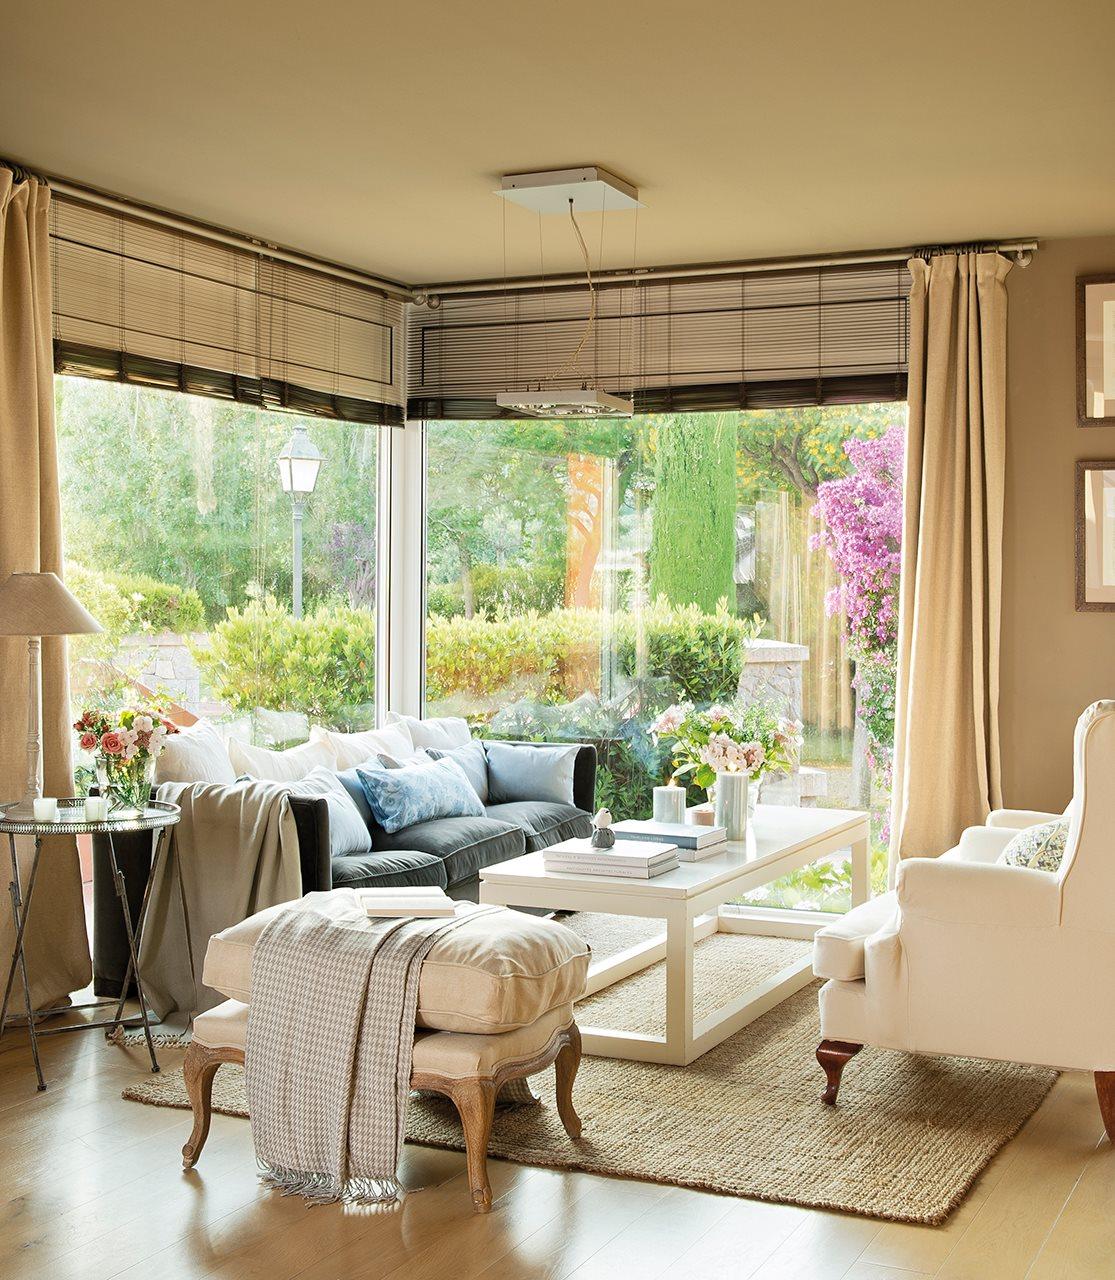 Una casa junto al mar con calidez n rdica y aire vintage - Color beige en paredes ...